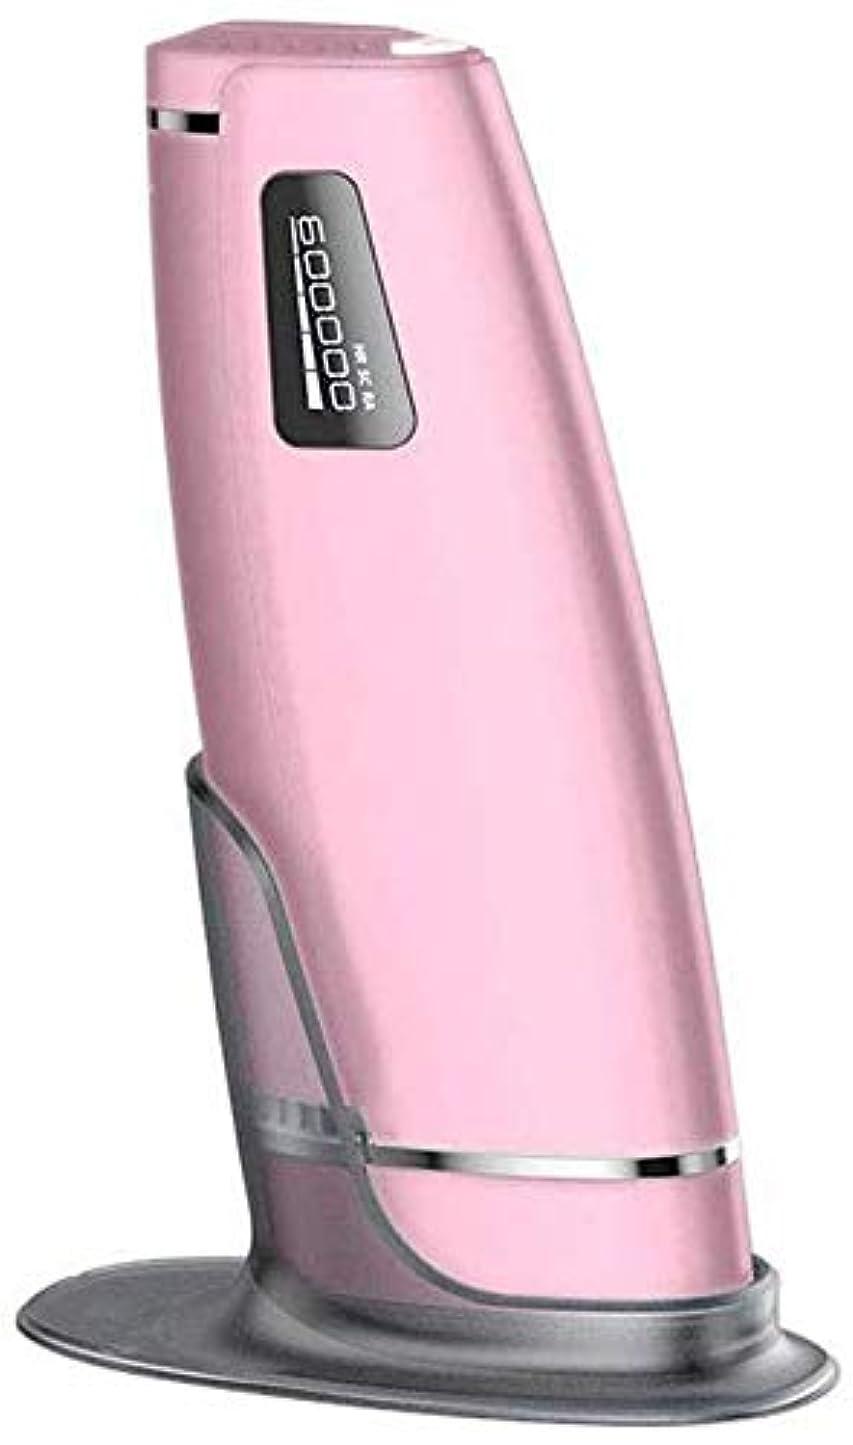 エージェント敵忙しいHABAIS 女性用脱毛システム、LCDスクリーン付き 600000 点滅 常設 レーザー脱毛器 ビキニライン/足/腕/脇の下,Pink